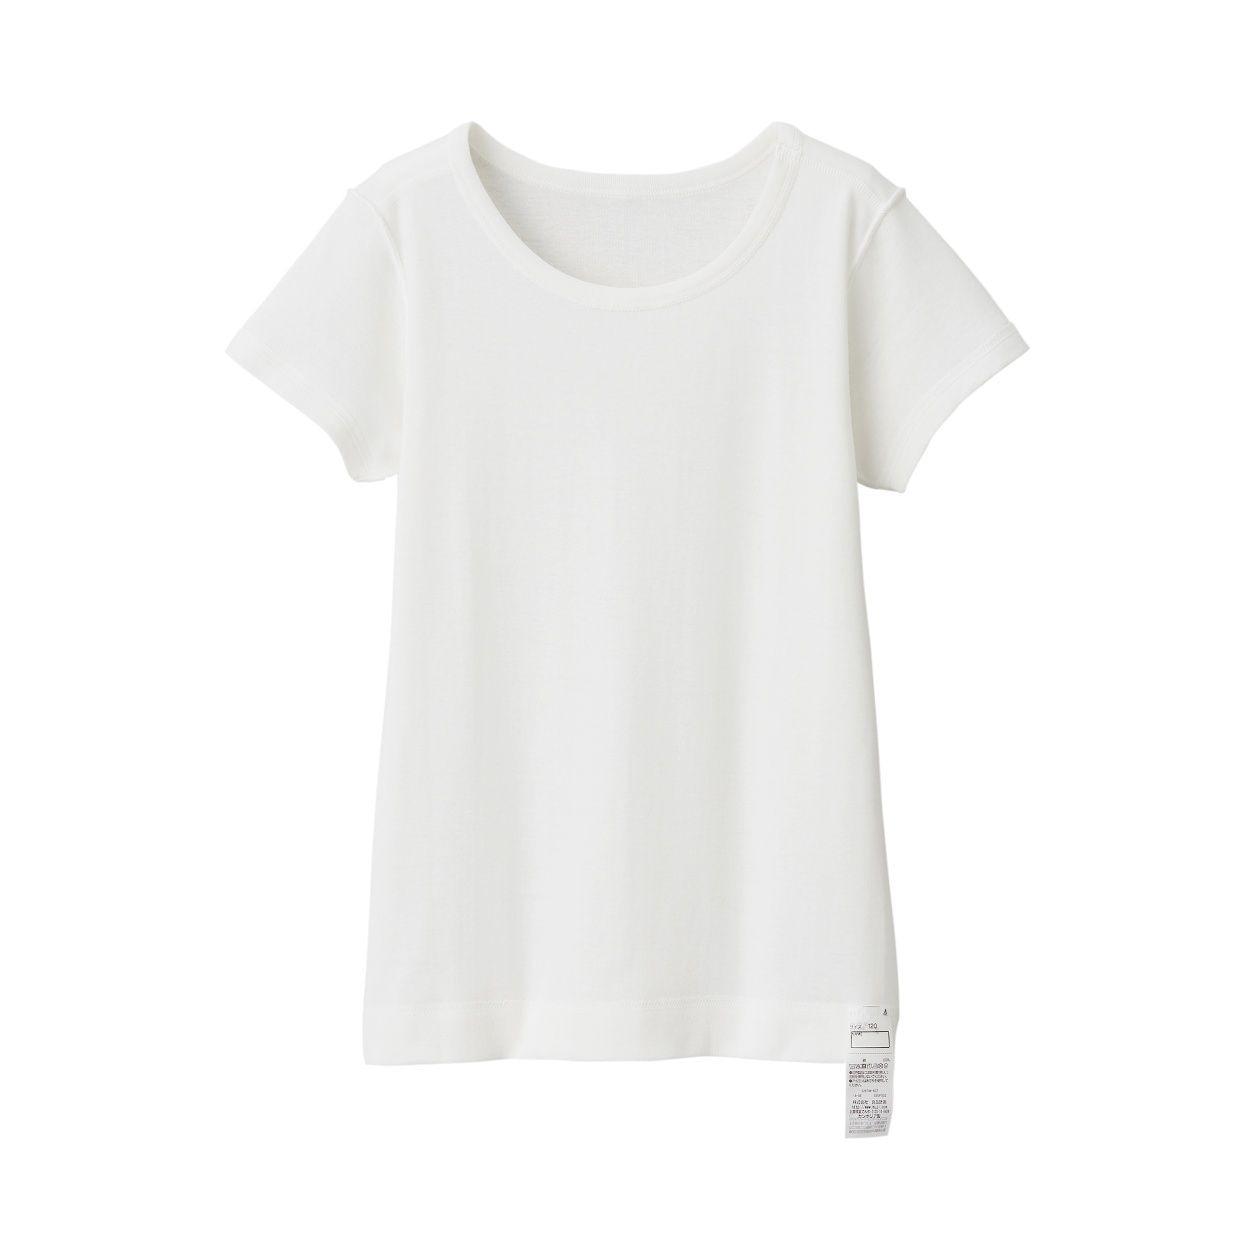 肌あたりがやさしい半袖Tシャツ(キッズ)